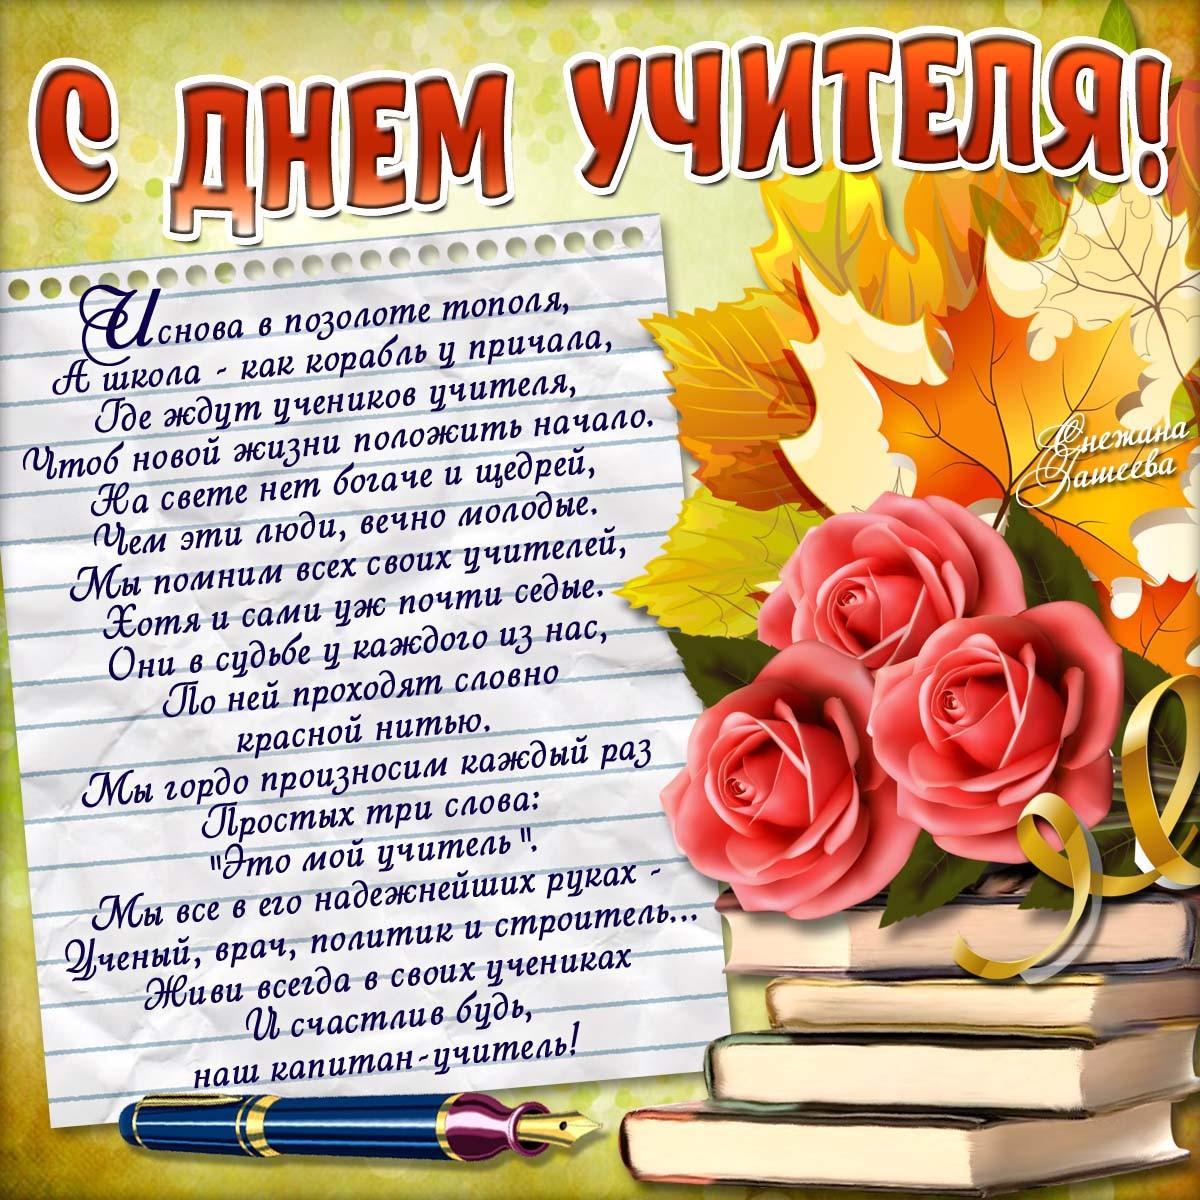 поздравление с днем учителя педагога на пенсии можно сделать своими